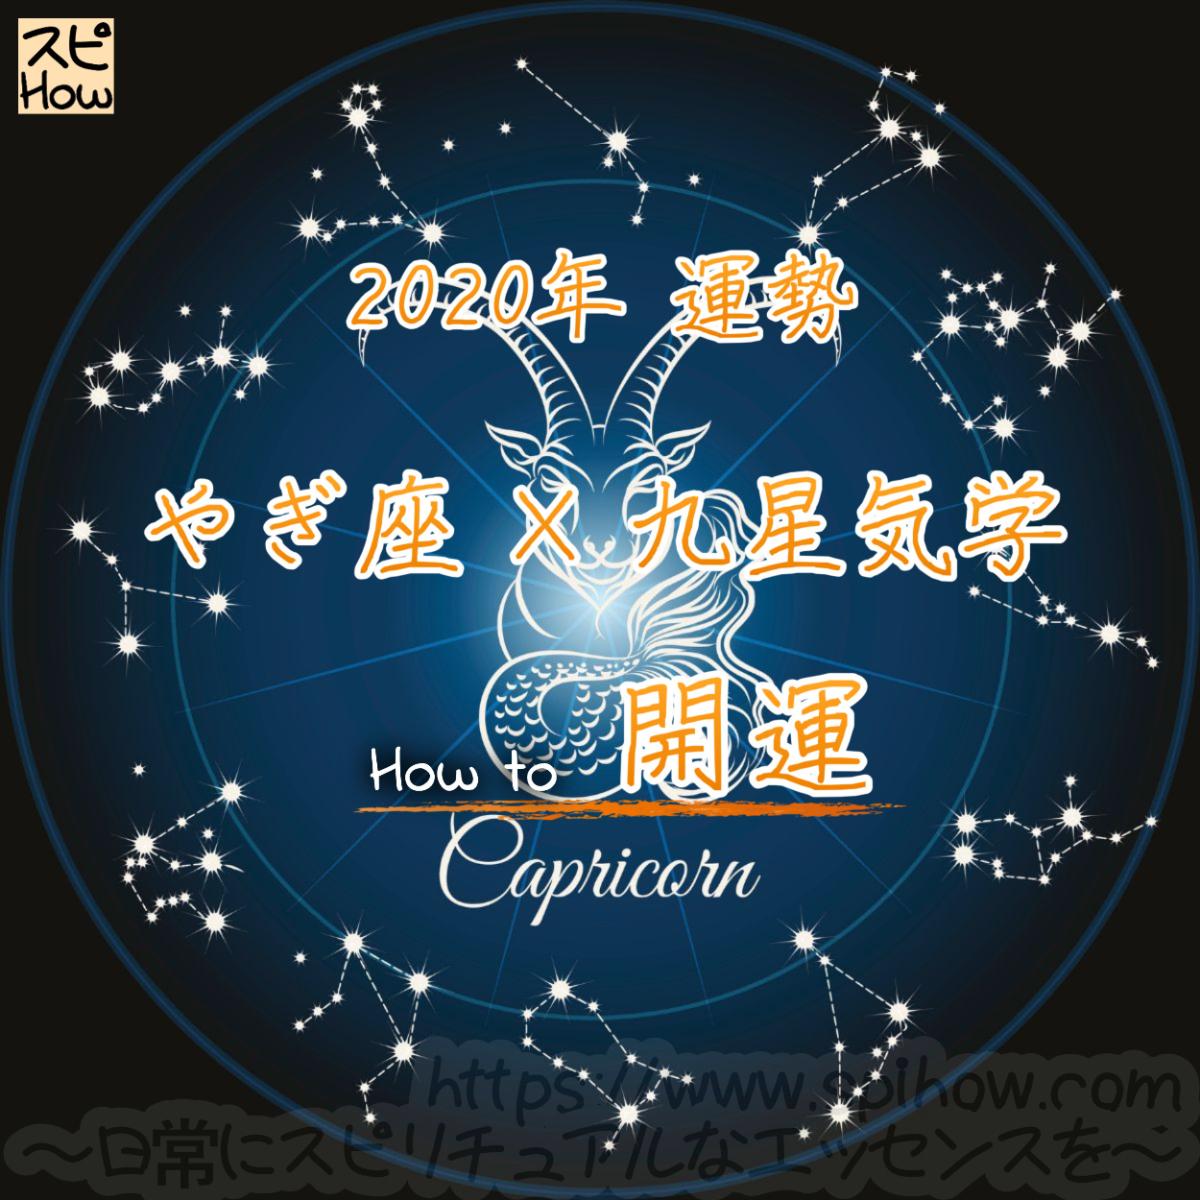 【やぎ座×九星気学】2020年の運勢を星占いと九星気学で知る方法のアイキャッチ画像